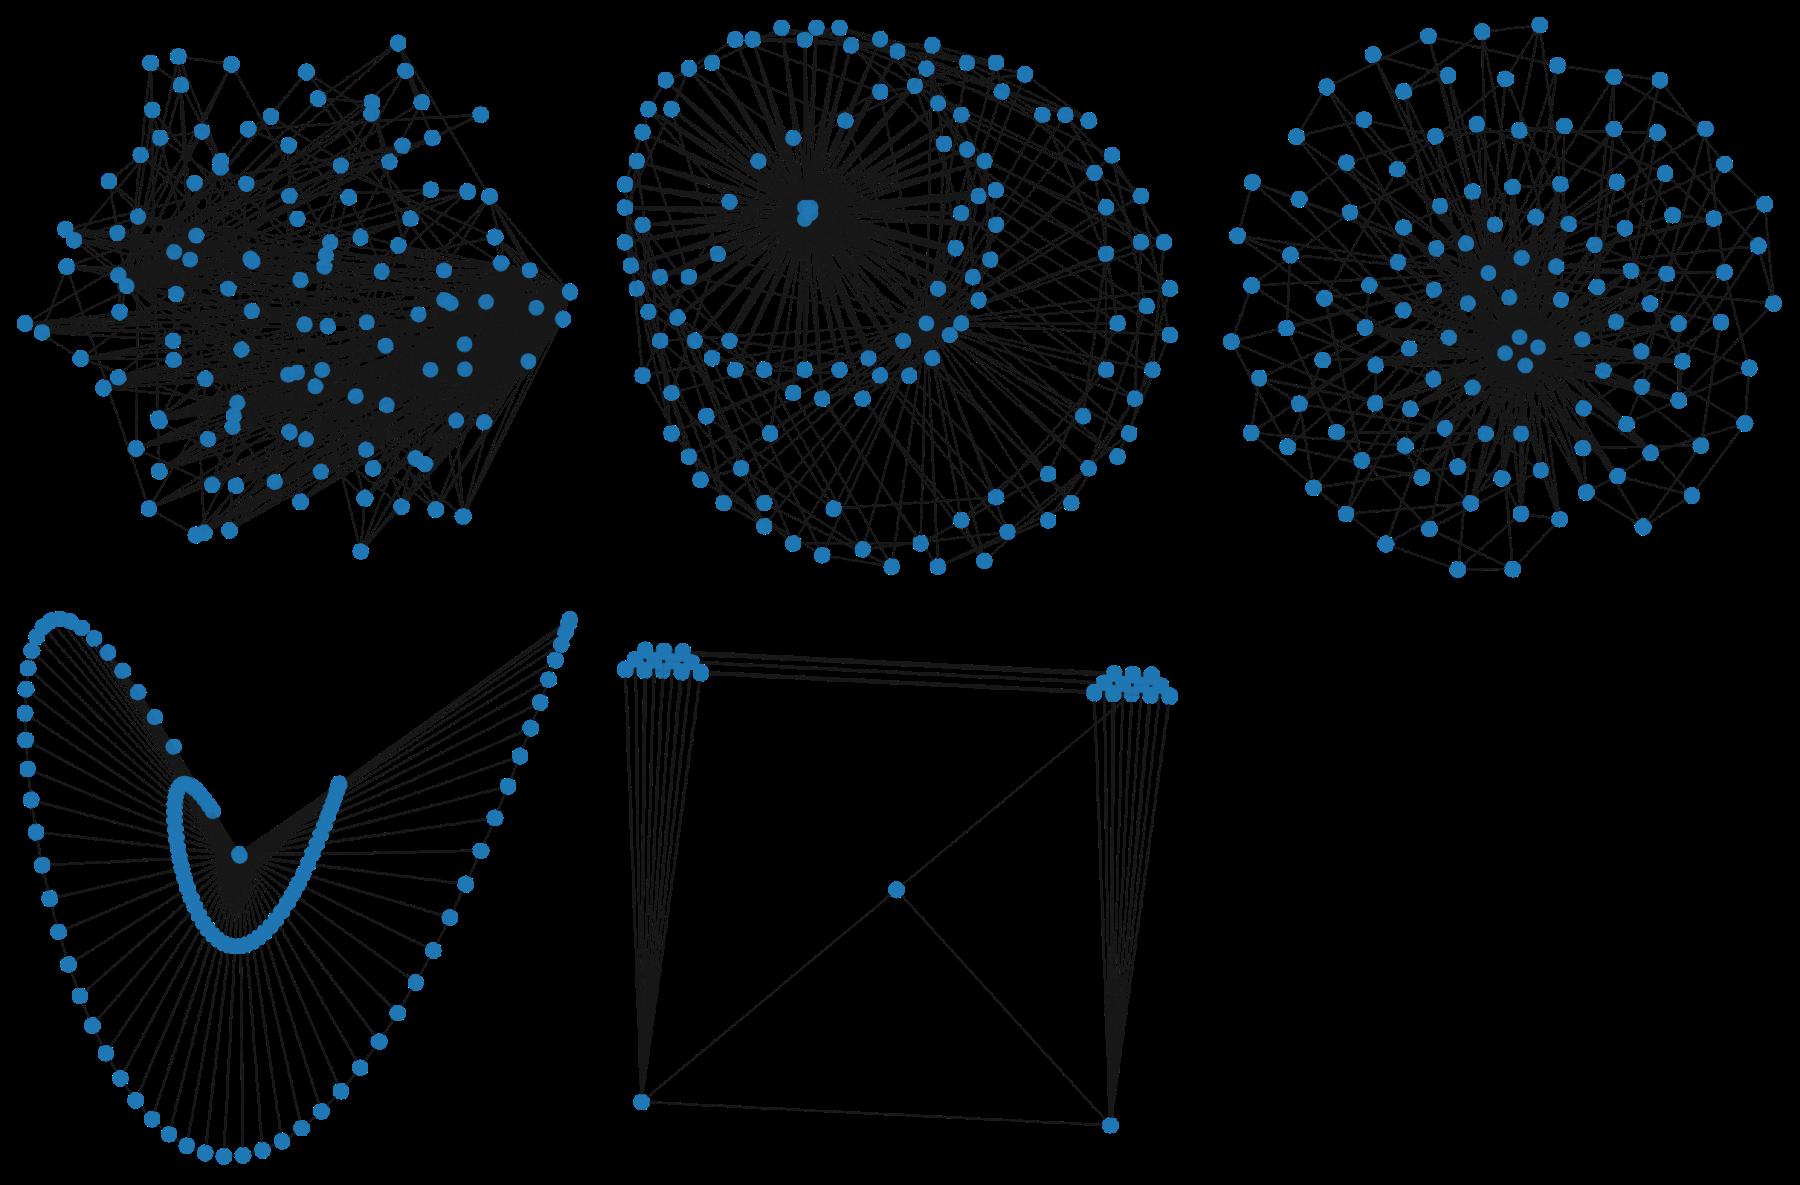 Визуализация больших графов для самых маленьких - 3